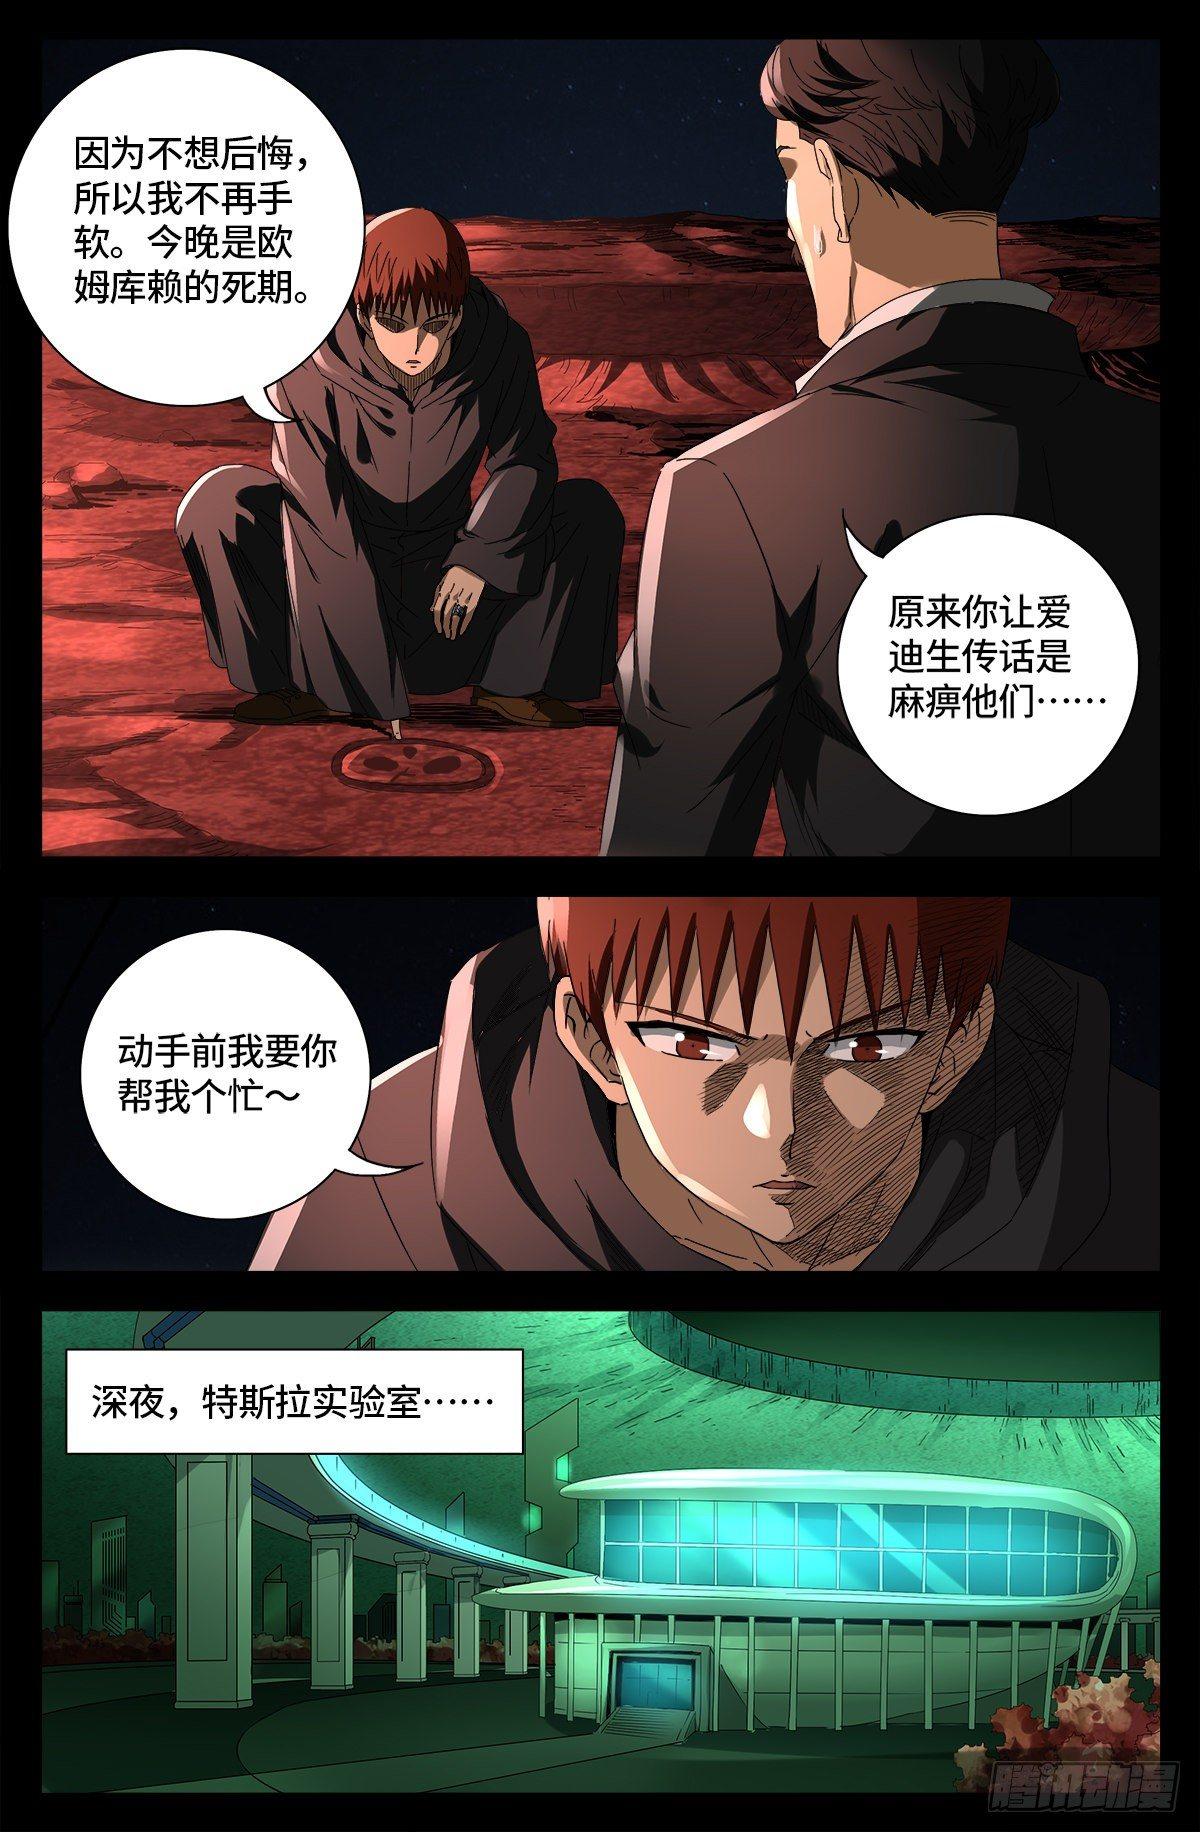 【漫画更新】戒魔人    第682话